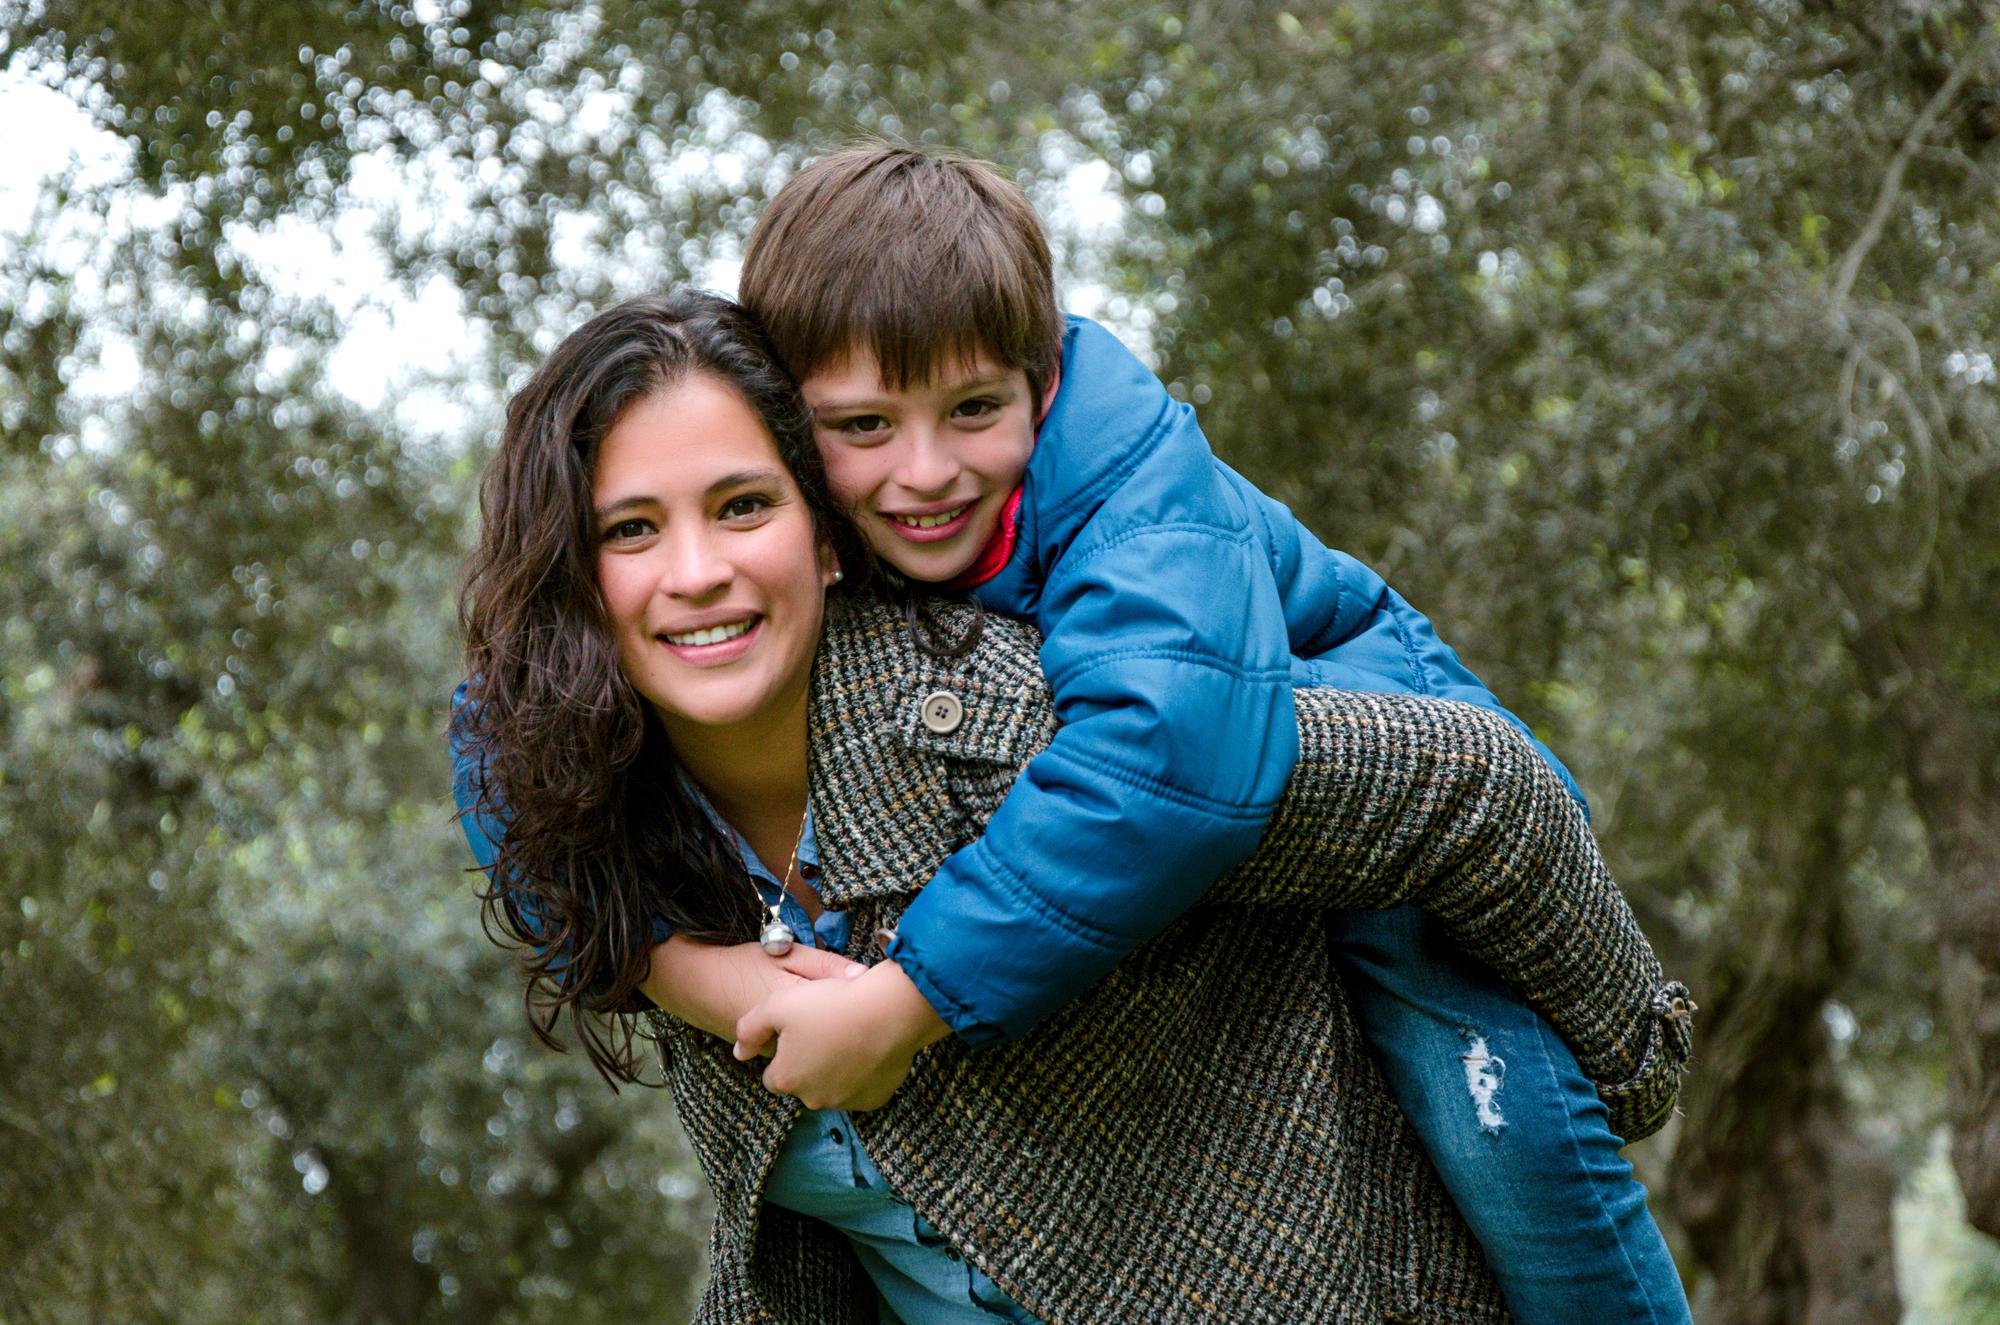 Situaciones en las que una madre puede perder la custodia de los hijo